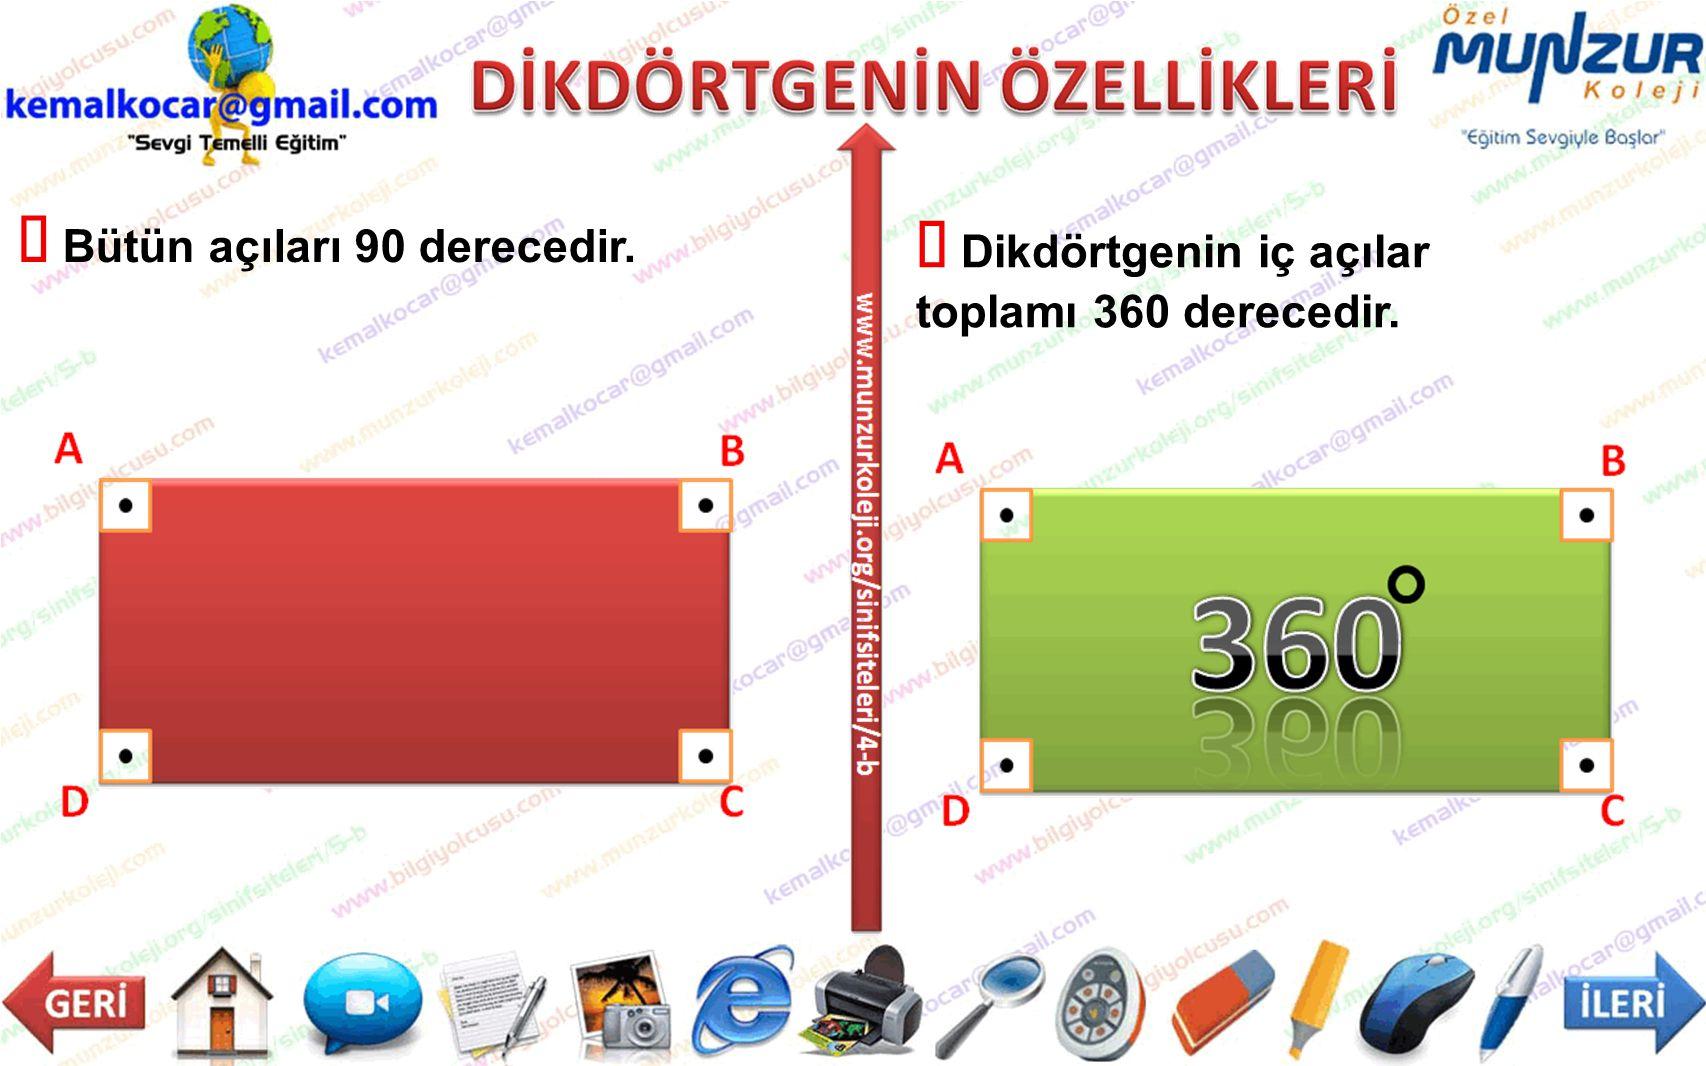  Dikdörtgenin iç açılar toplamı 360 derecedir.  Bütün açıları 90 derecedir.